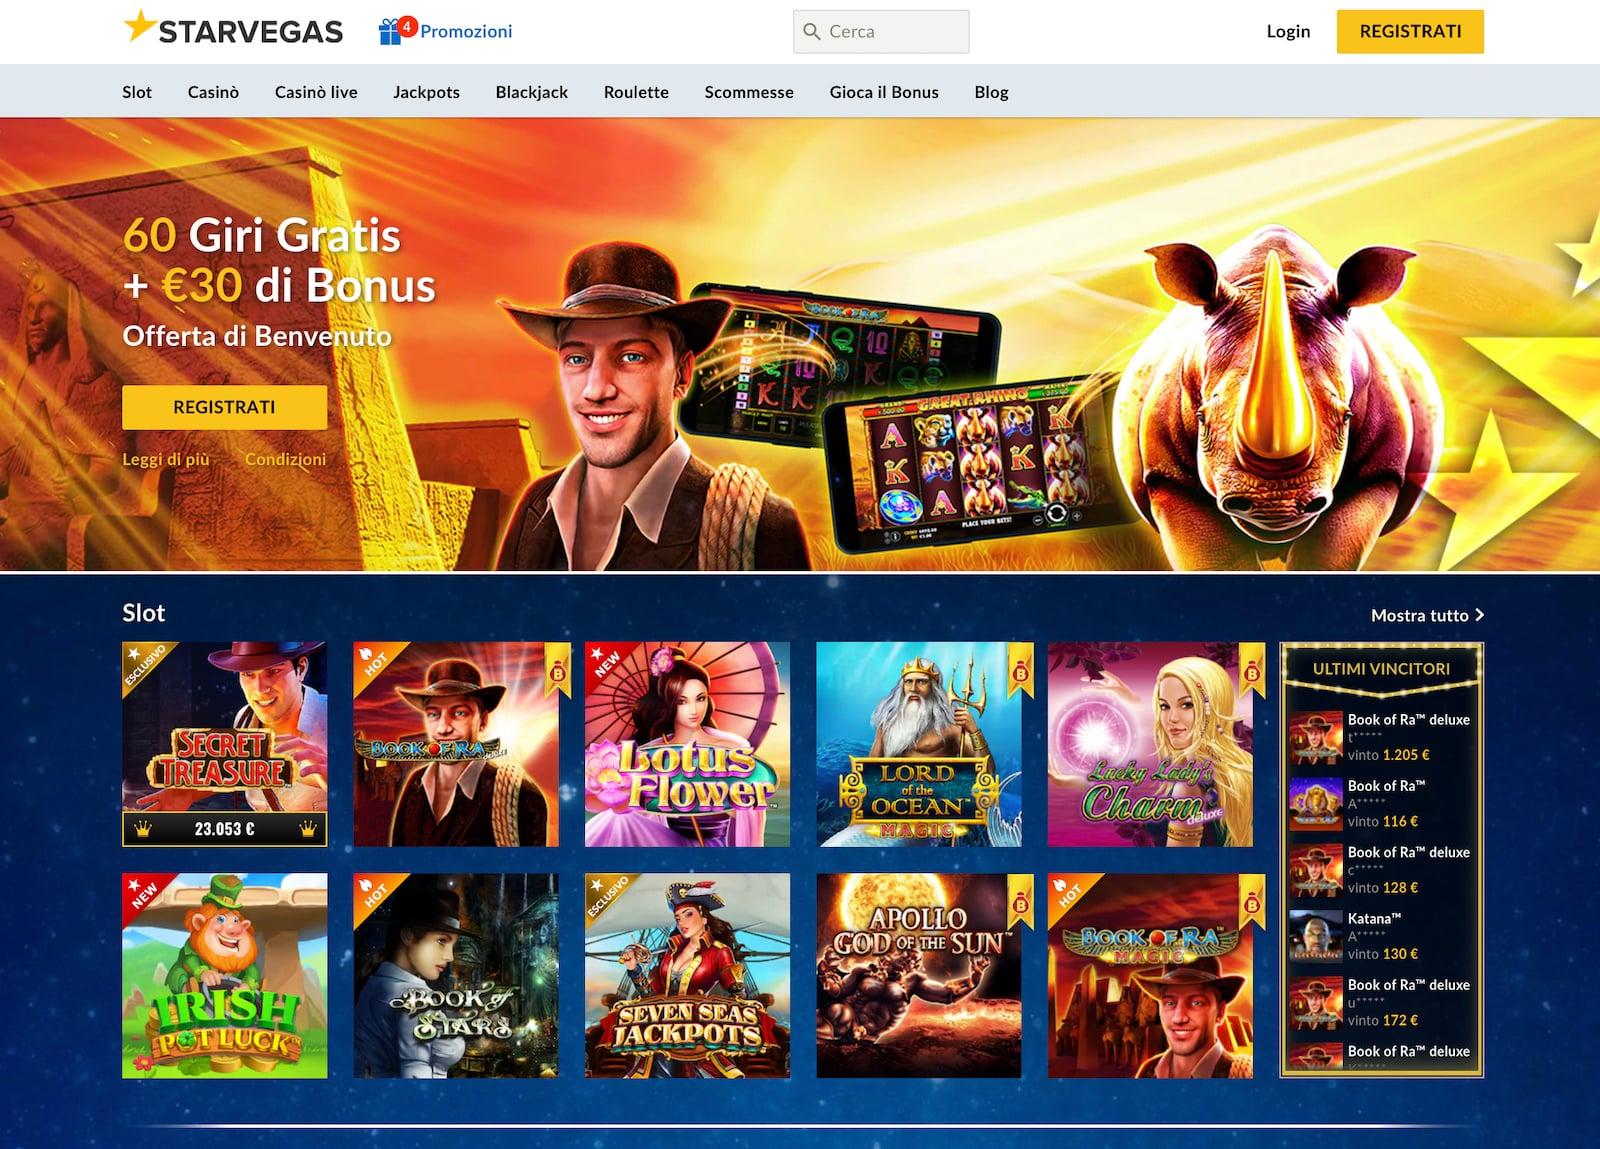 come iniziare a giocare alle slot online tramite app starvegas